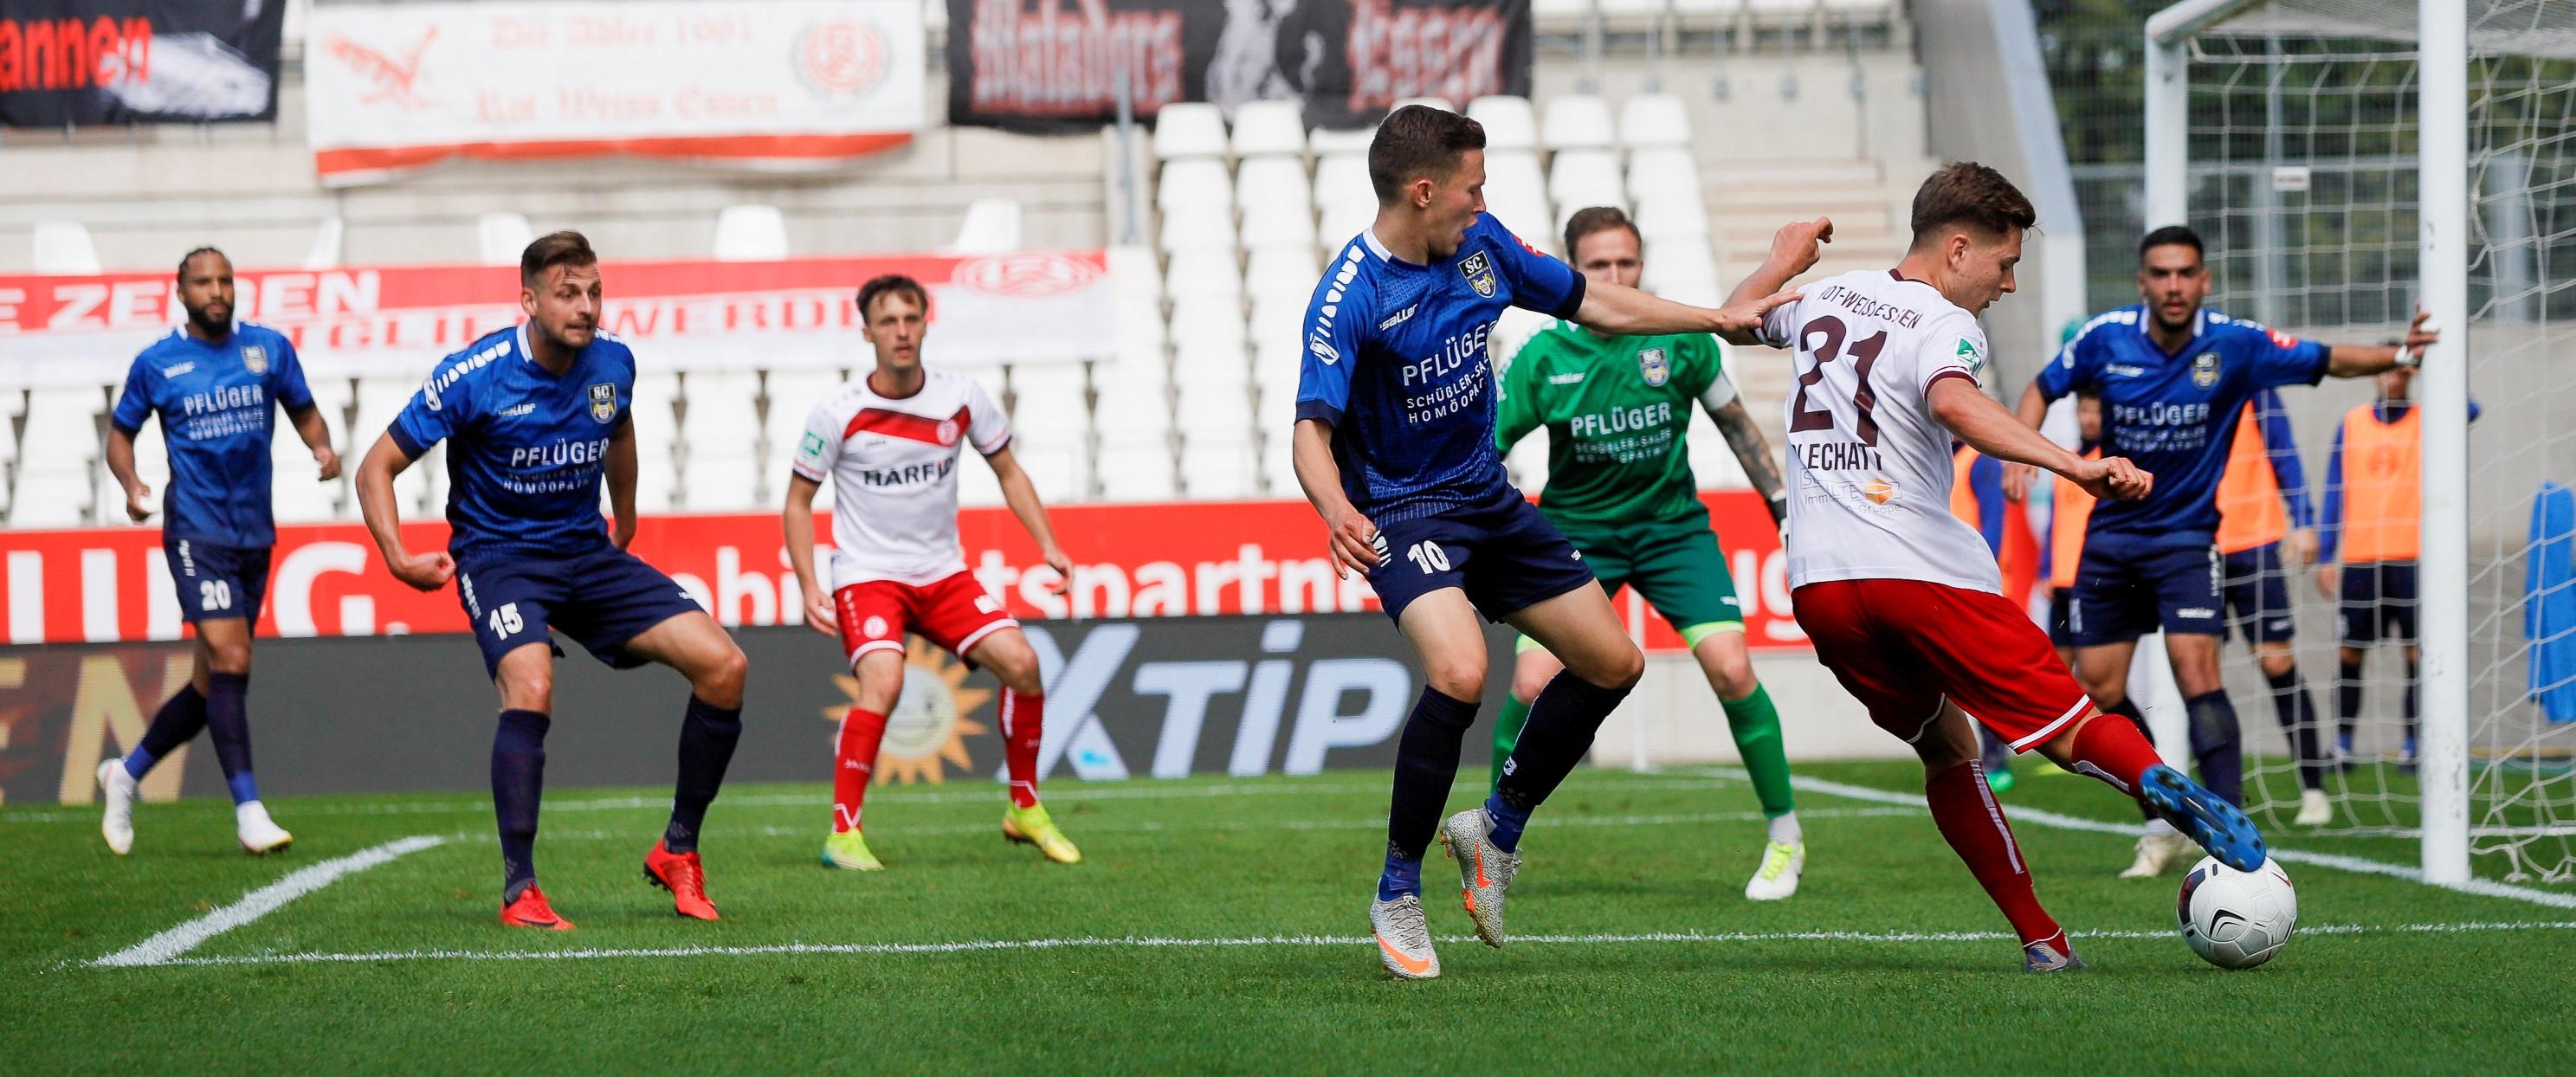 Der Ball rollt weiter: die Regionalliga West-Saison 2020/2021 wird fortgeführt. (Foto: Endberg)